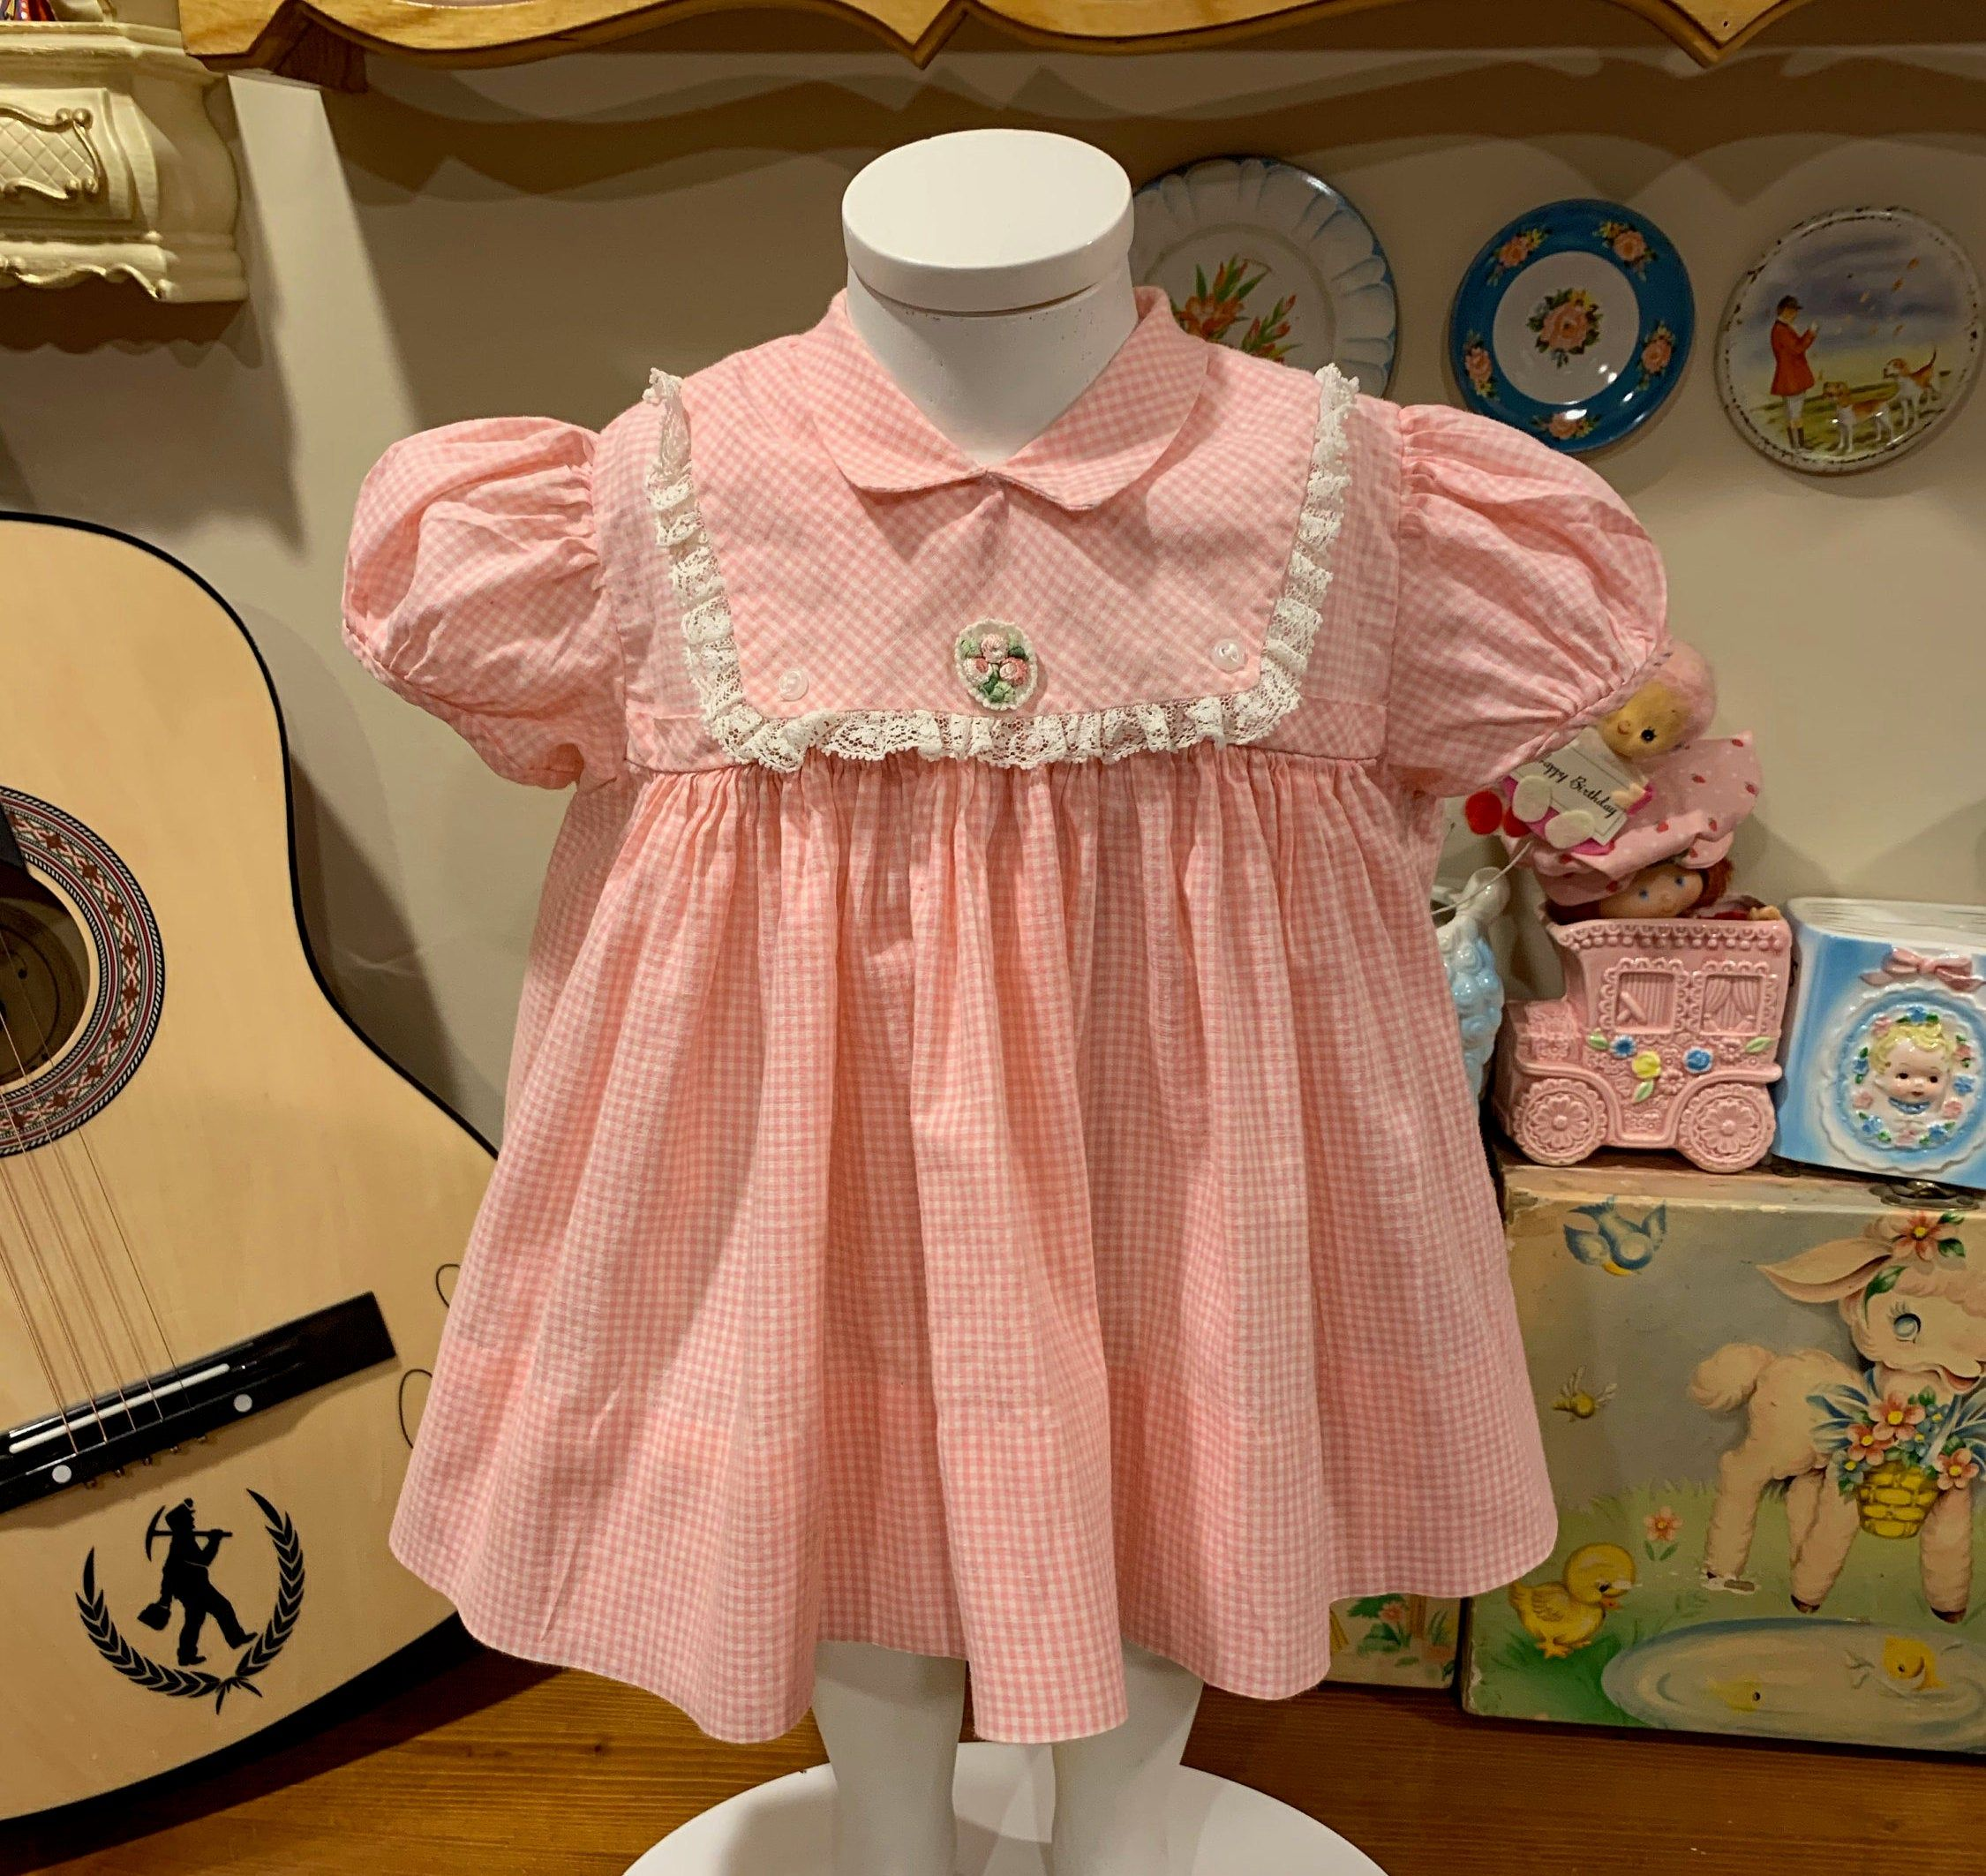 baby flower girl dresses 9-12 months